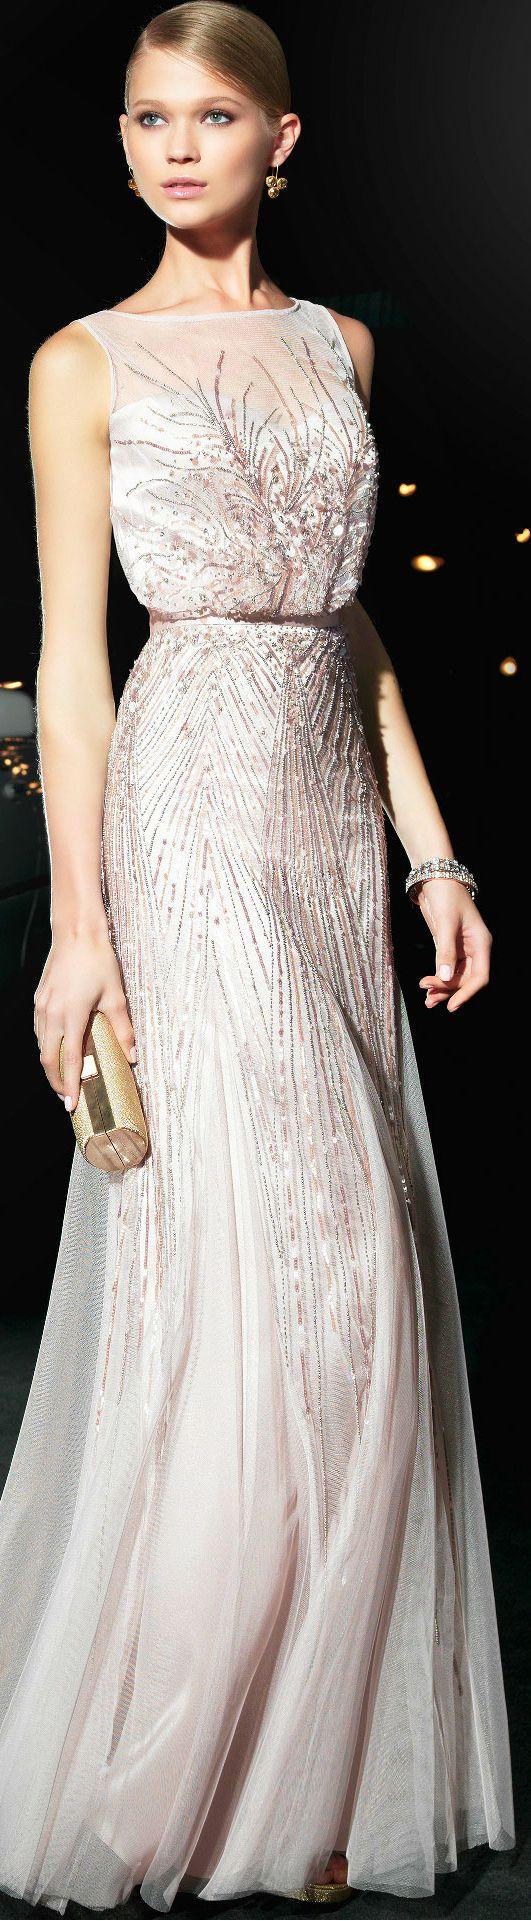 Rosa Clará ● 2014 #gown #promdress #fashion #elegant